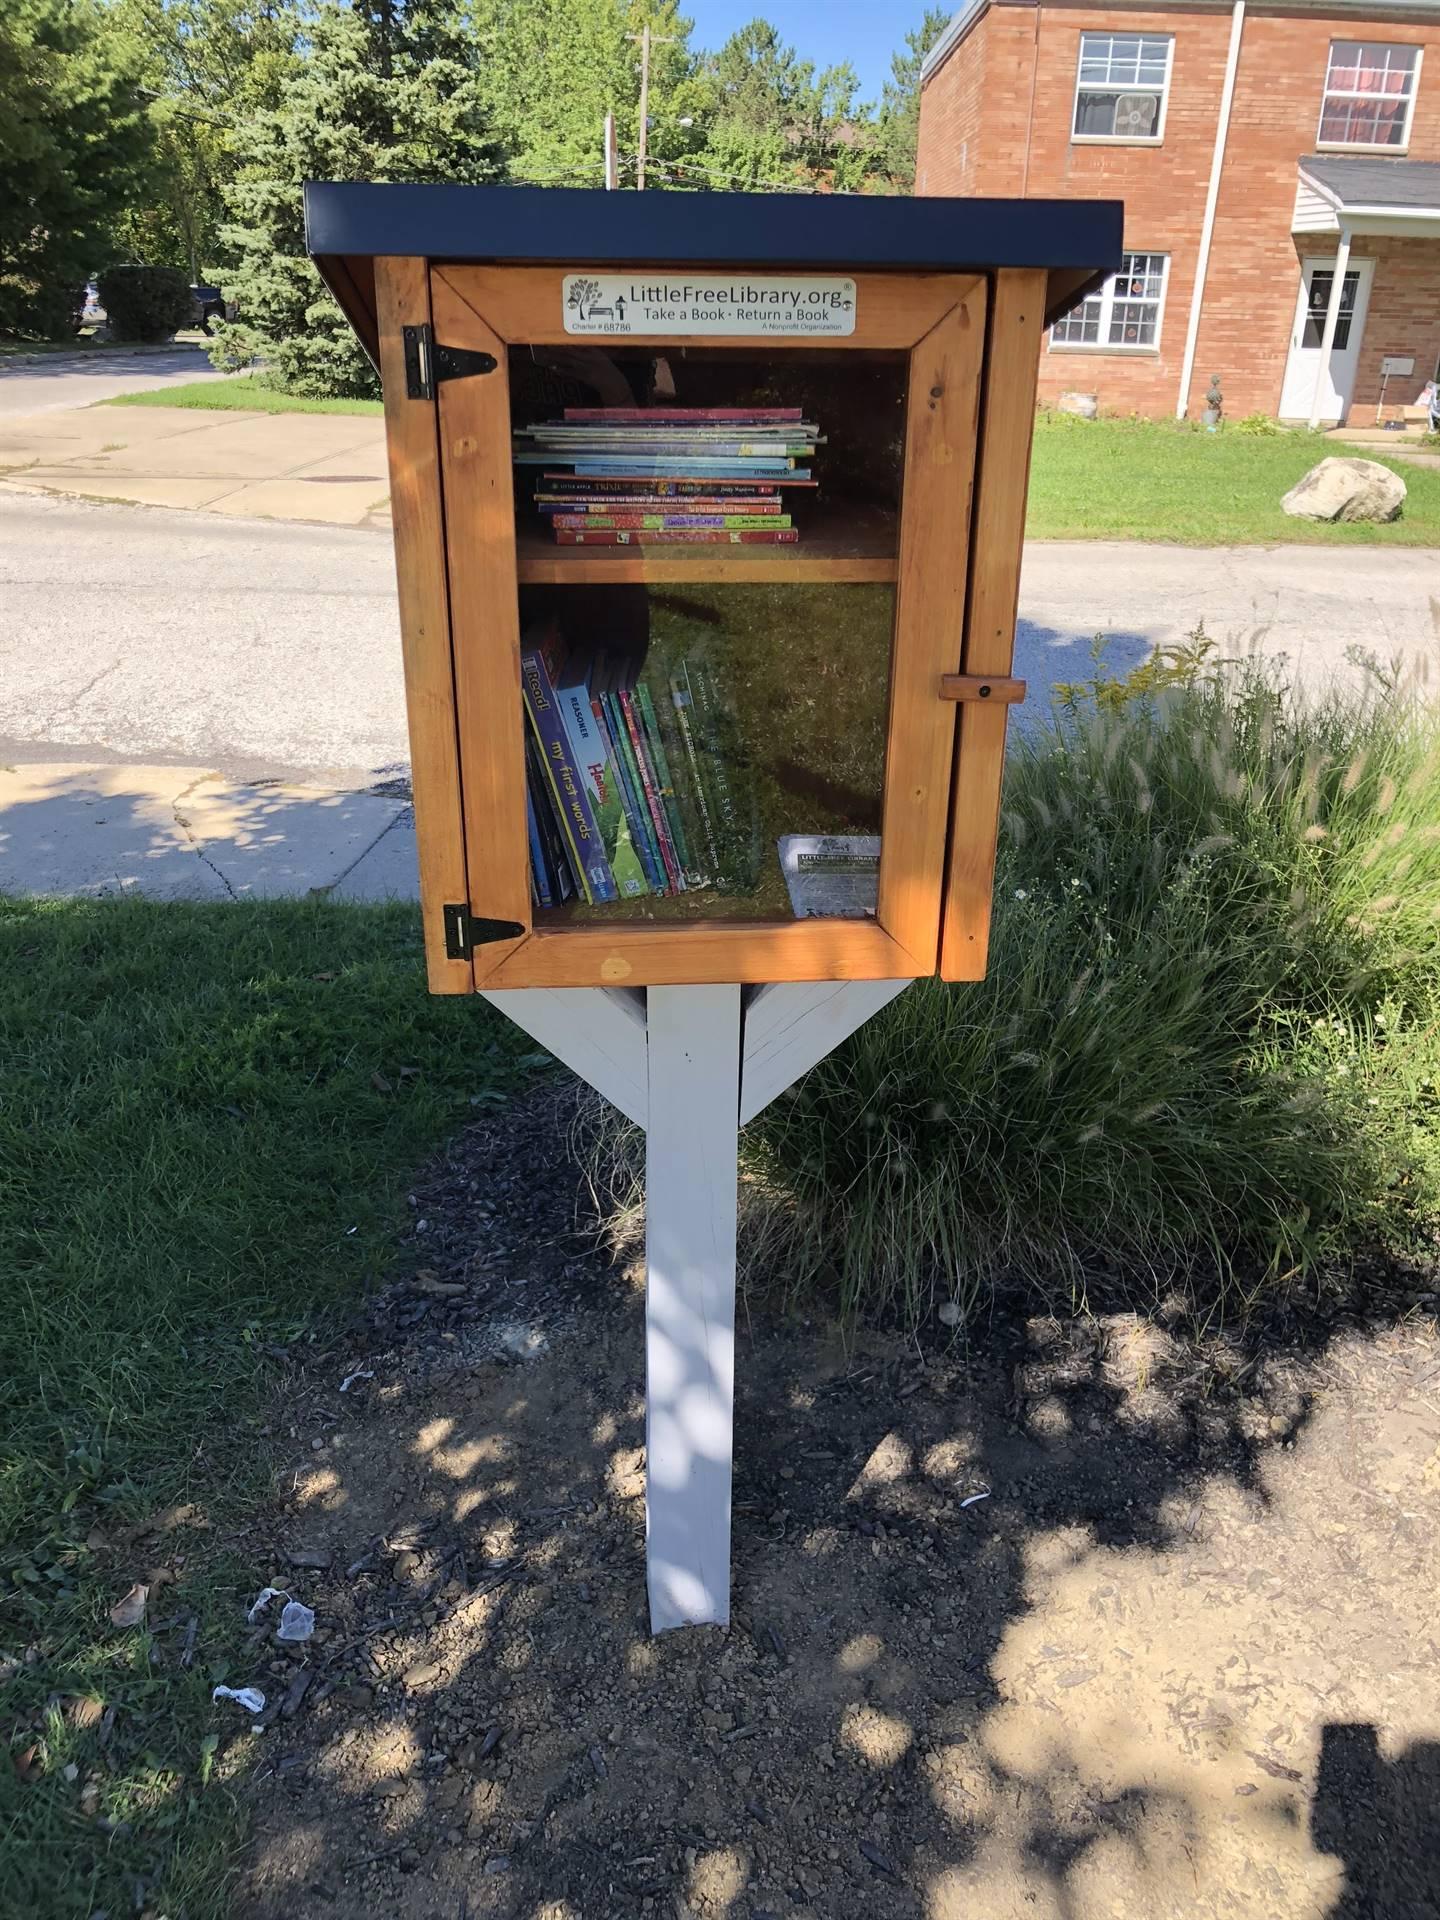 Seneca Libraries